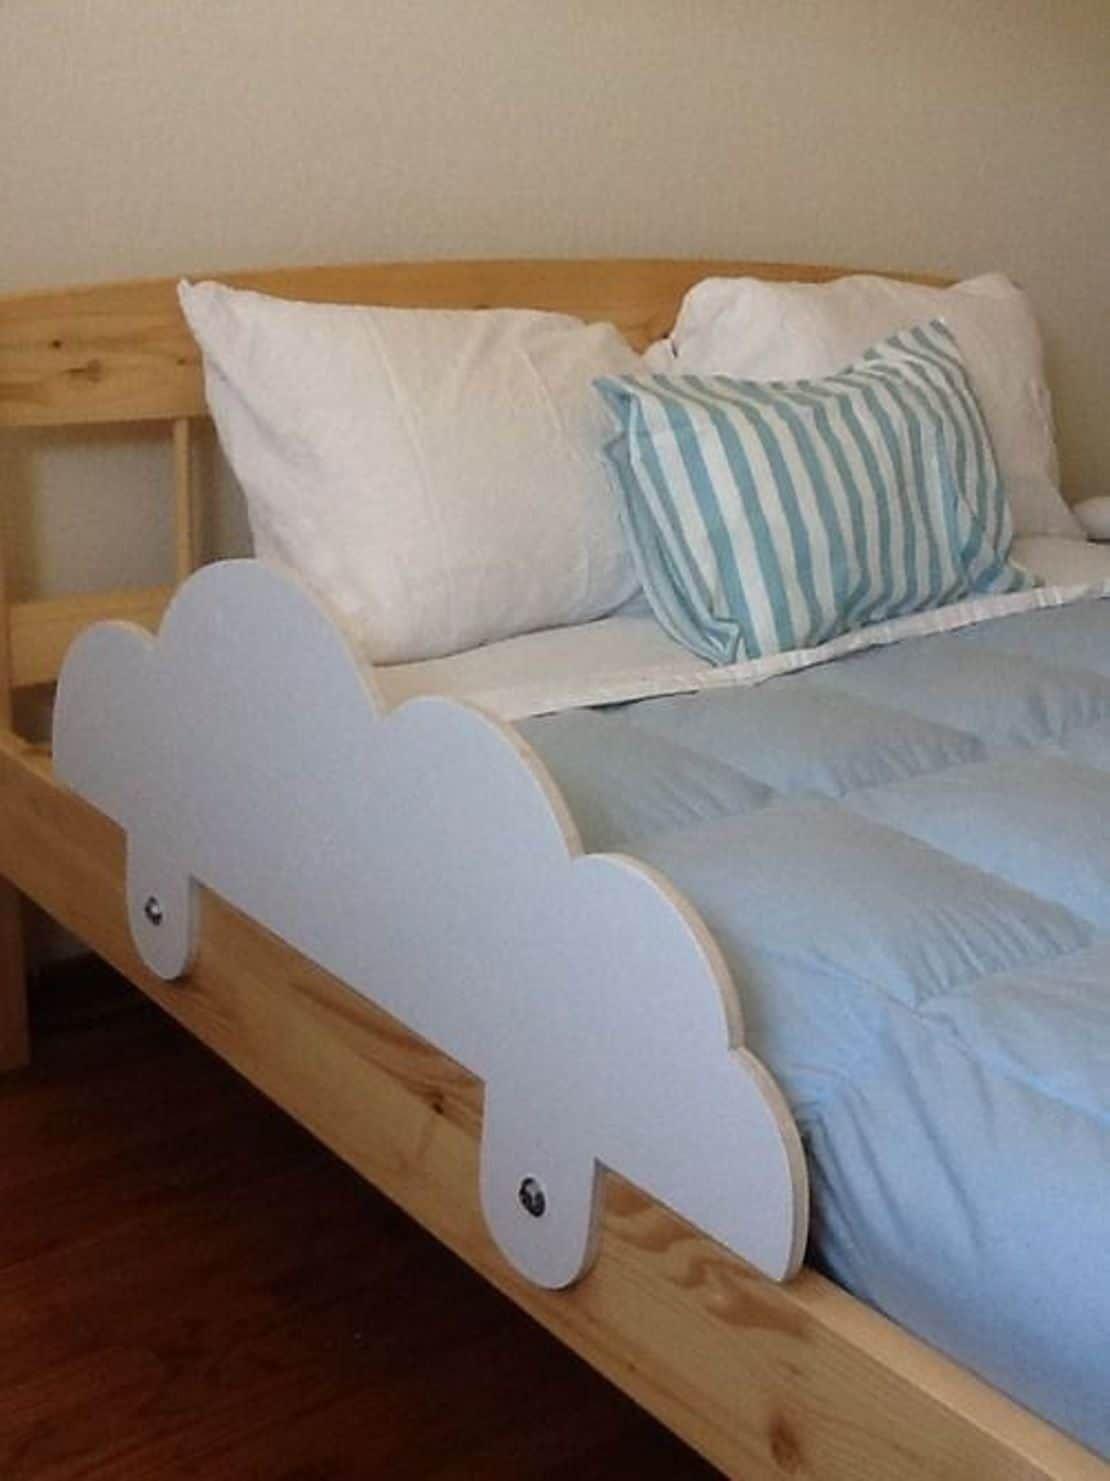 Functional toddler bed rails diy toddler bed bed rails